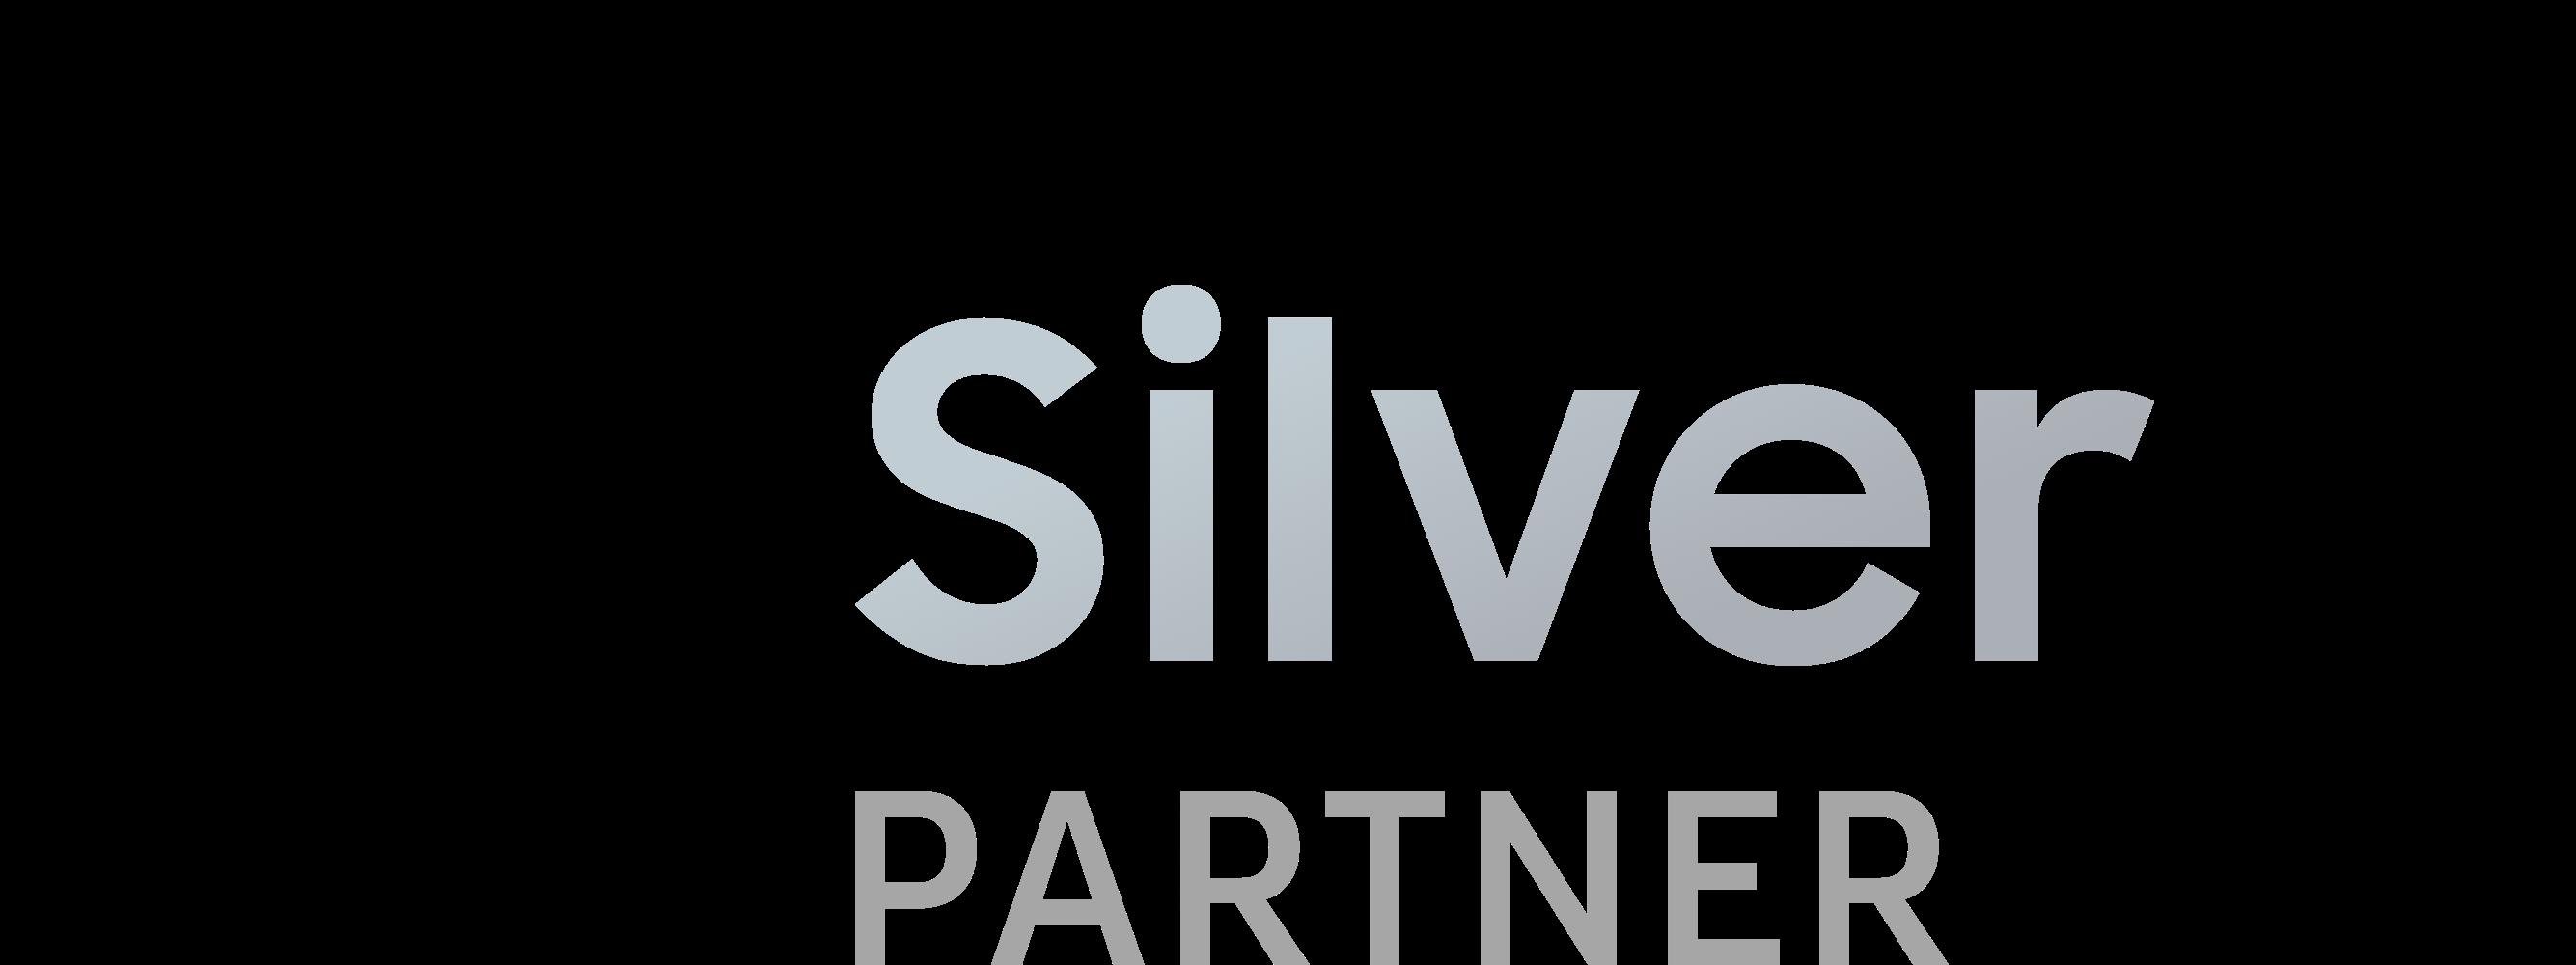 Samsung Knox Partner-Sliver